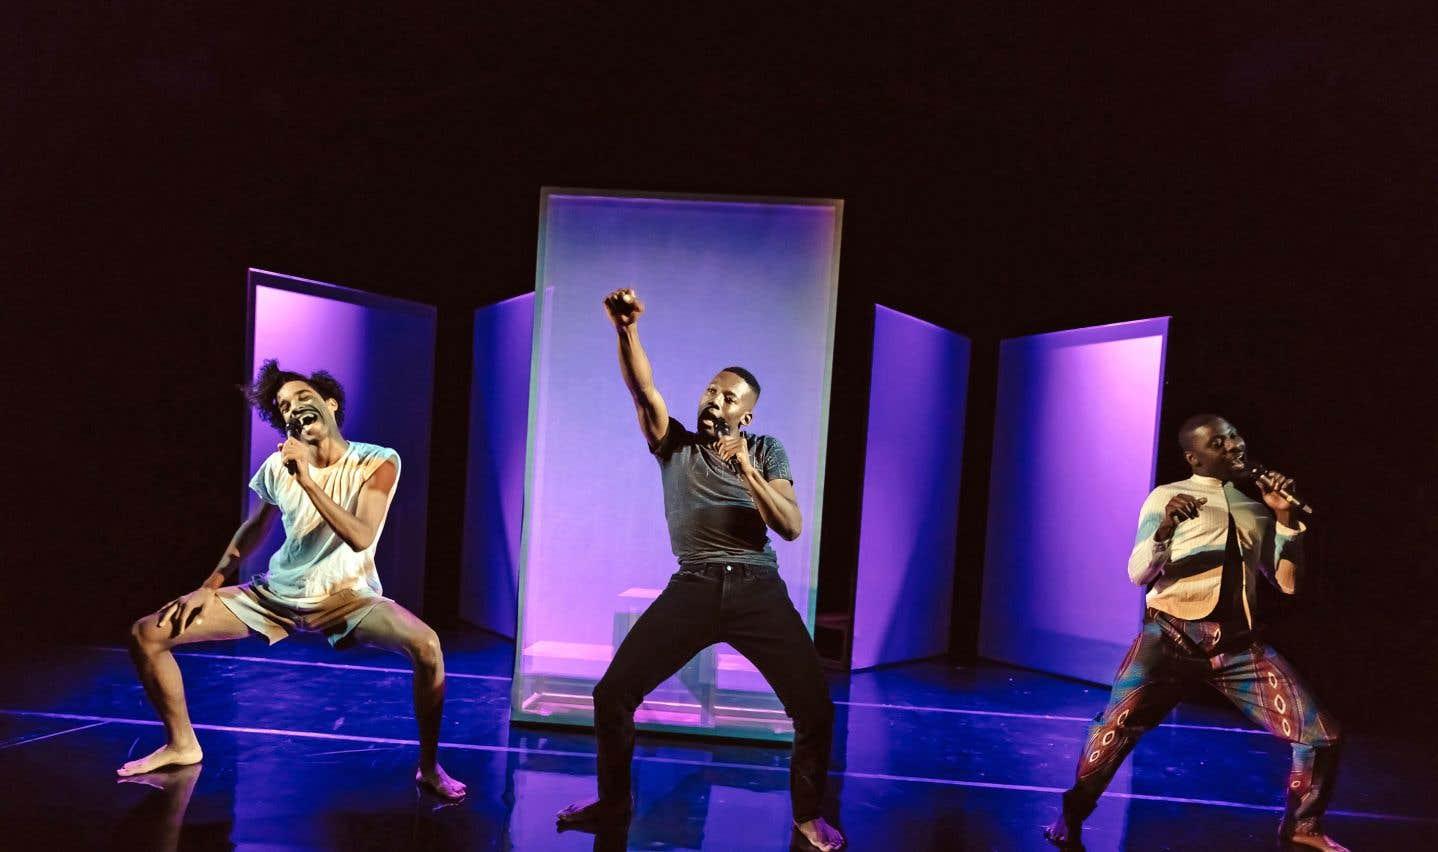 Les trois performeurs de «Black Boys» sont fort éloquents, mais également portés par une énergie peu commune, un mélange d'aplomb et d'autodérision tout simplement captivant.